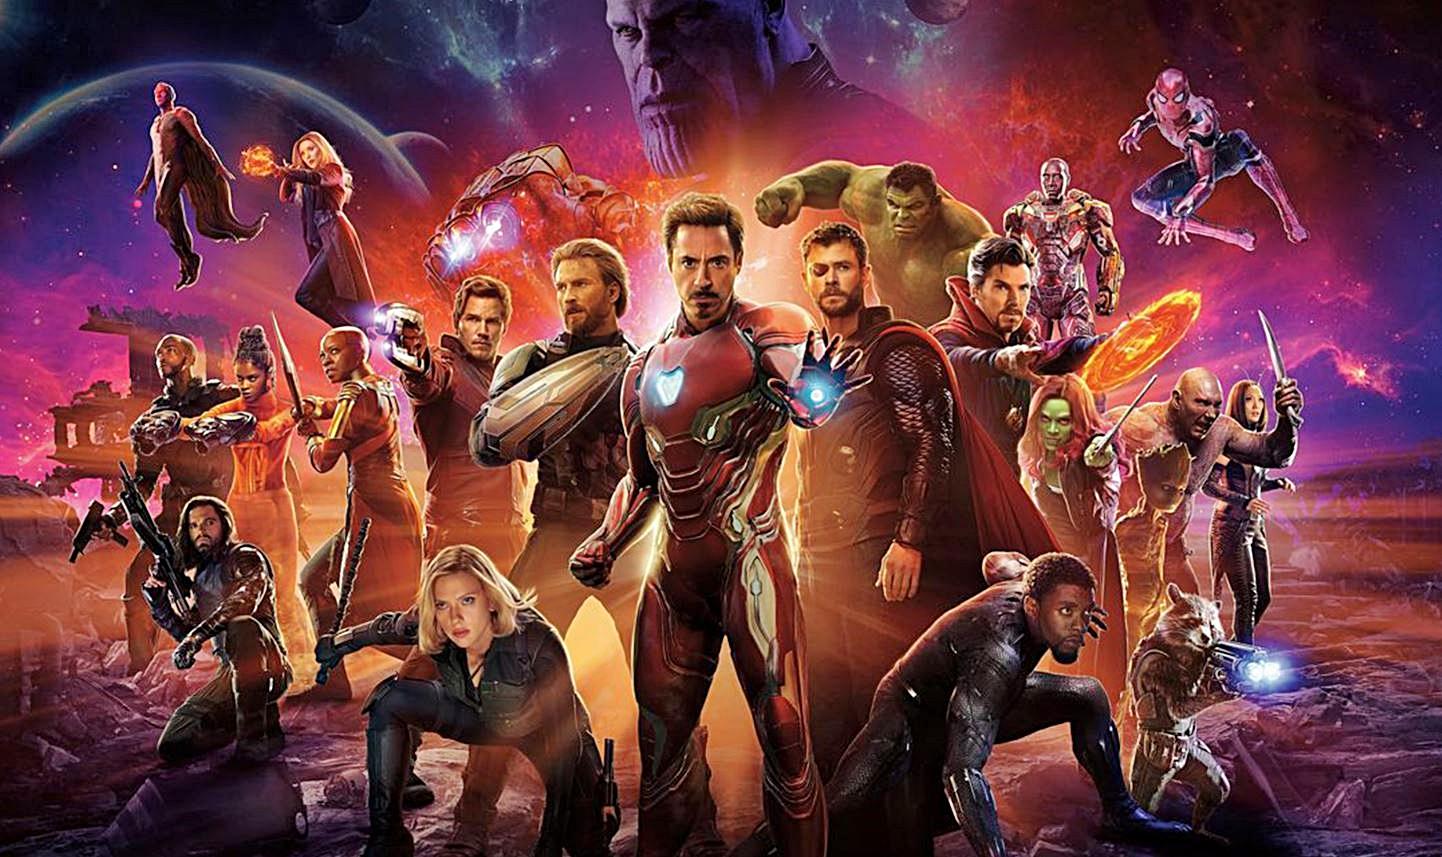 Os Vingadores | As Aparições da equipe no Audiovisual